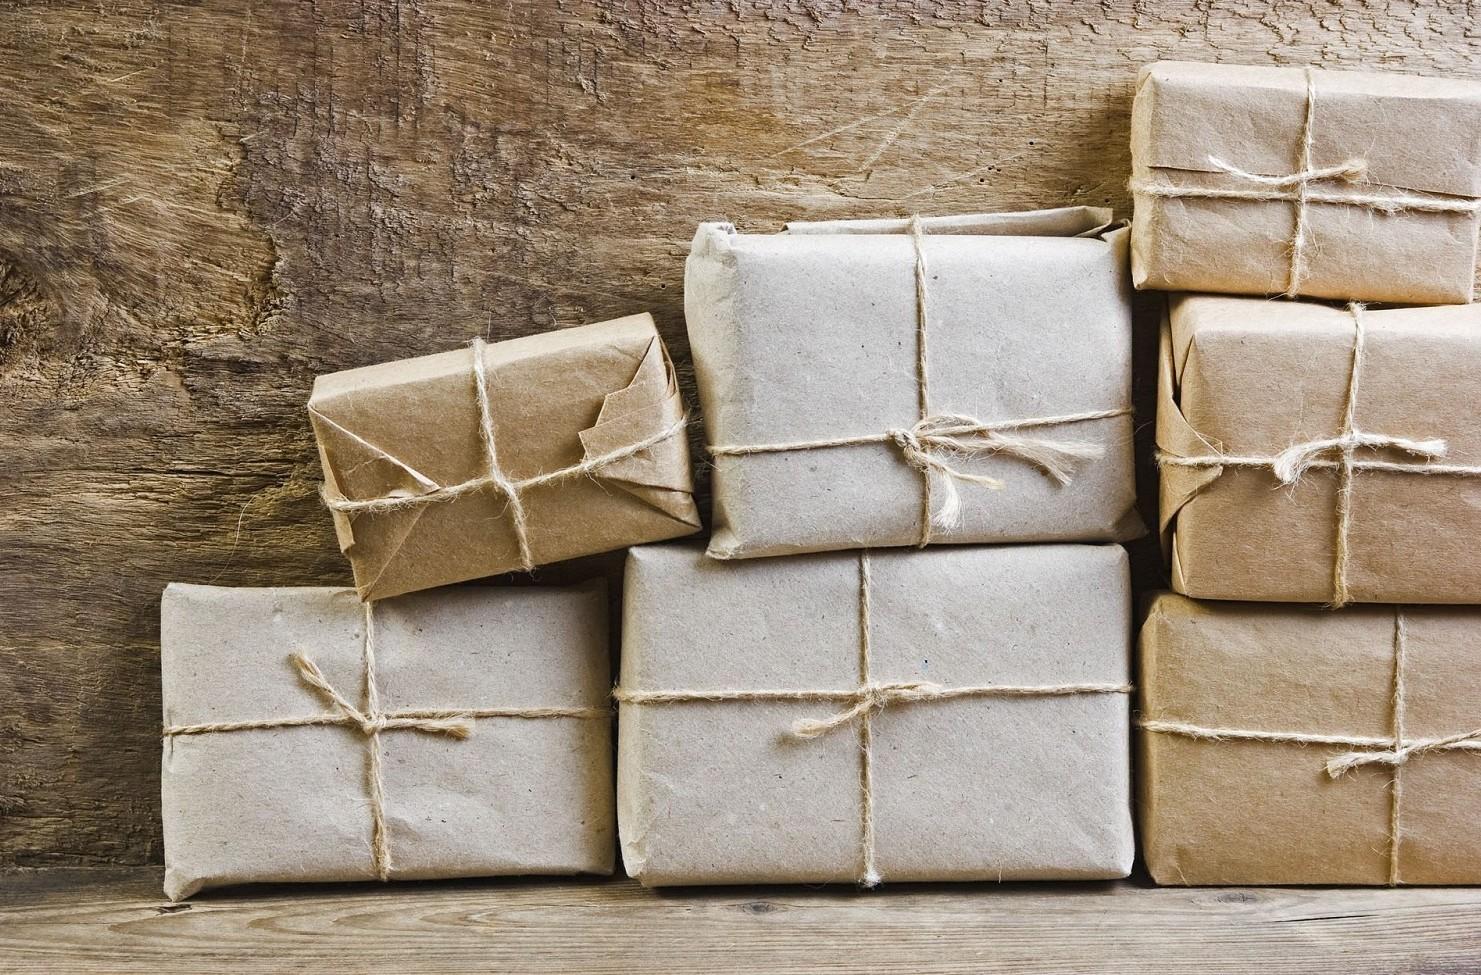 Quanto costa spedire un pacco. Confronto prezzi e tariffe 2020 tra servizi